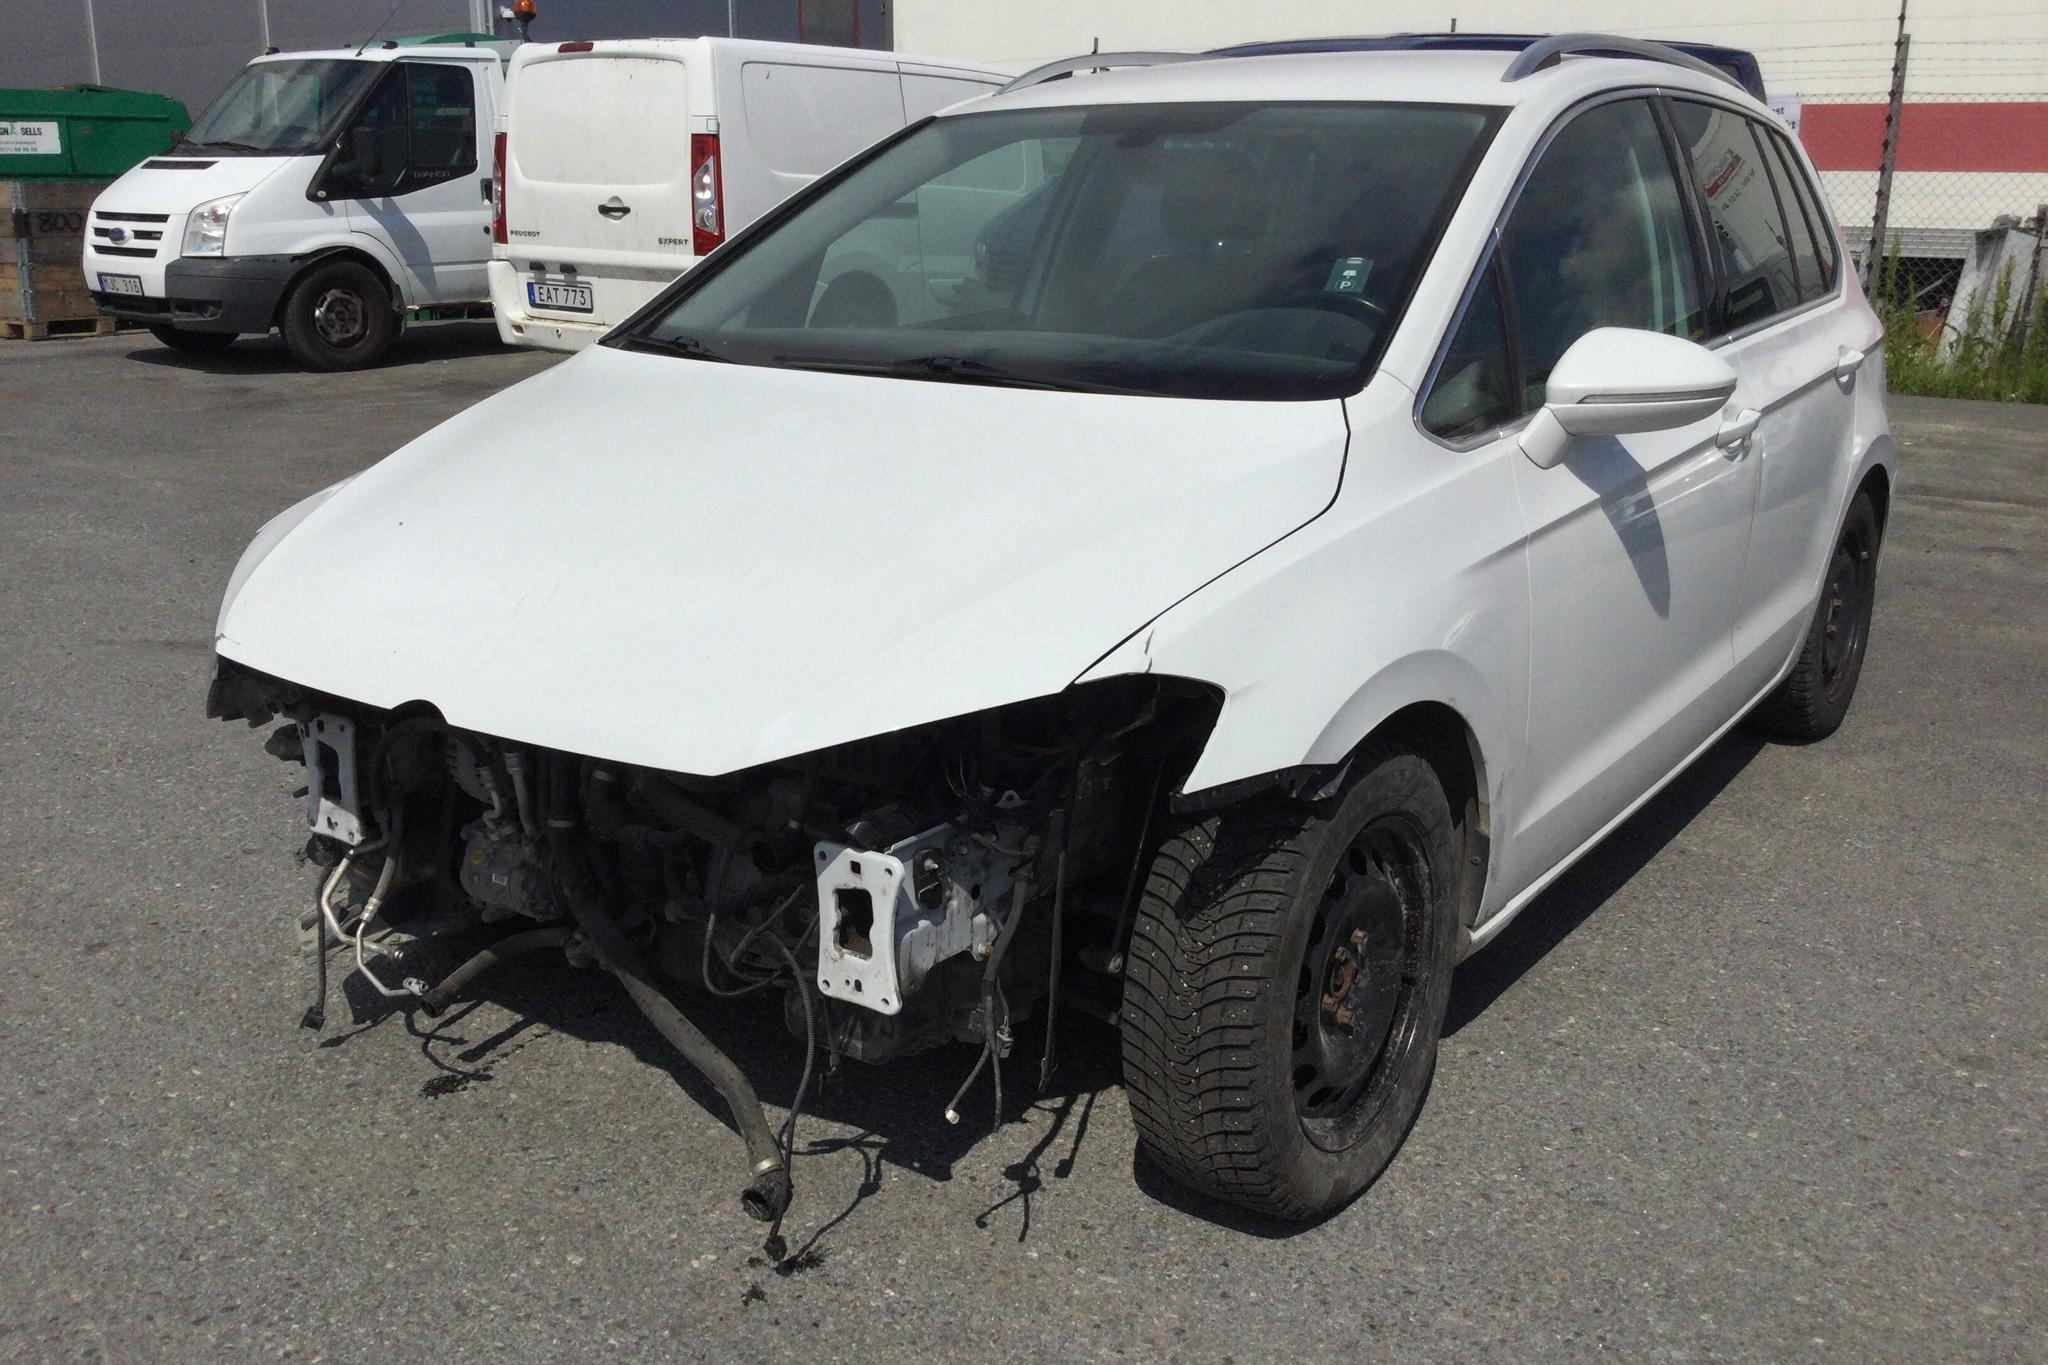 VW Golf VII 2.0 TDI Sportsvan (150hk) - 119 550 km - Automatic - white - 2018